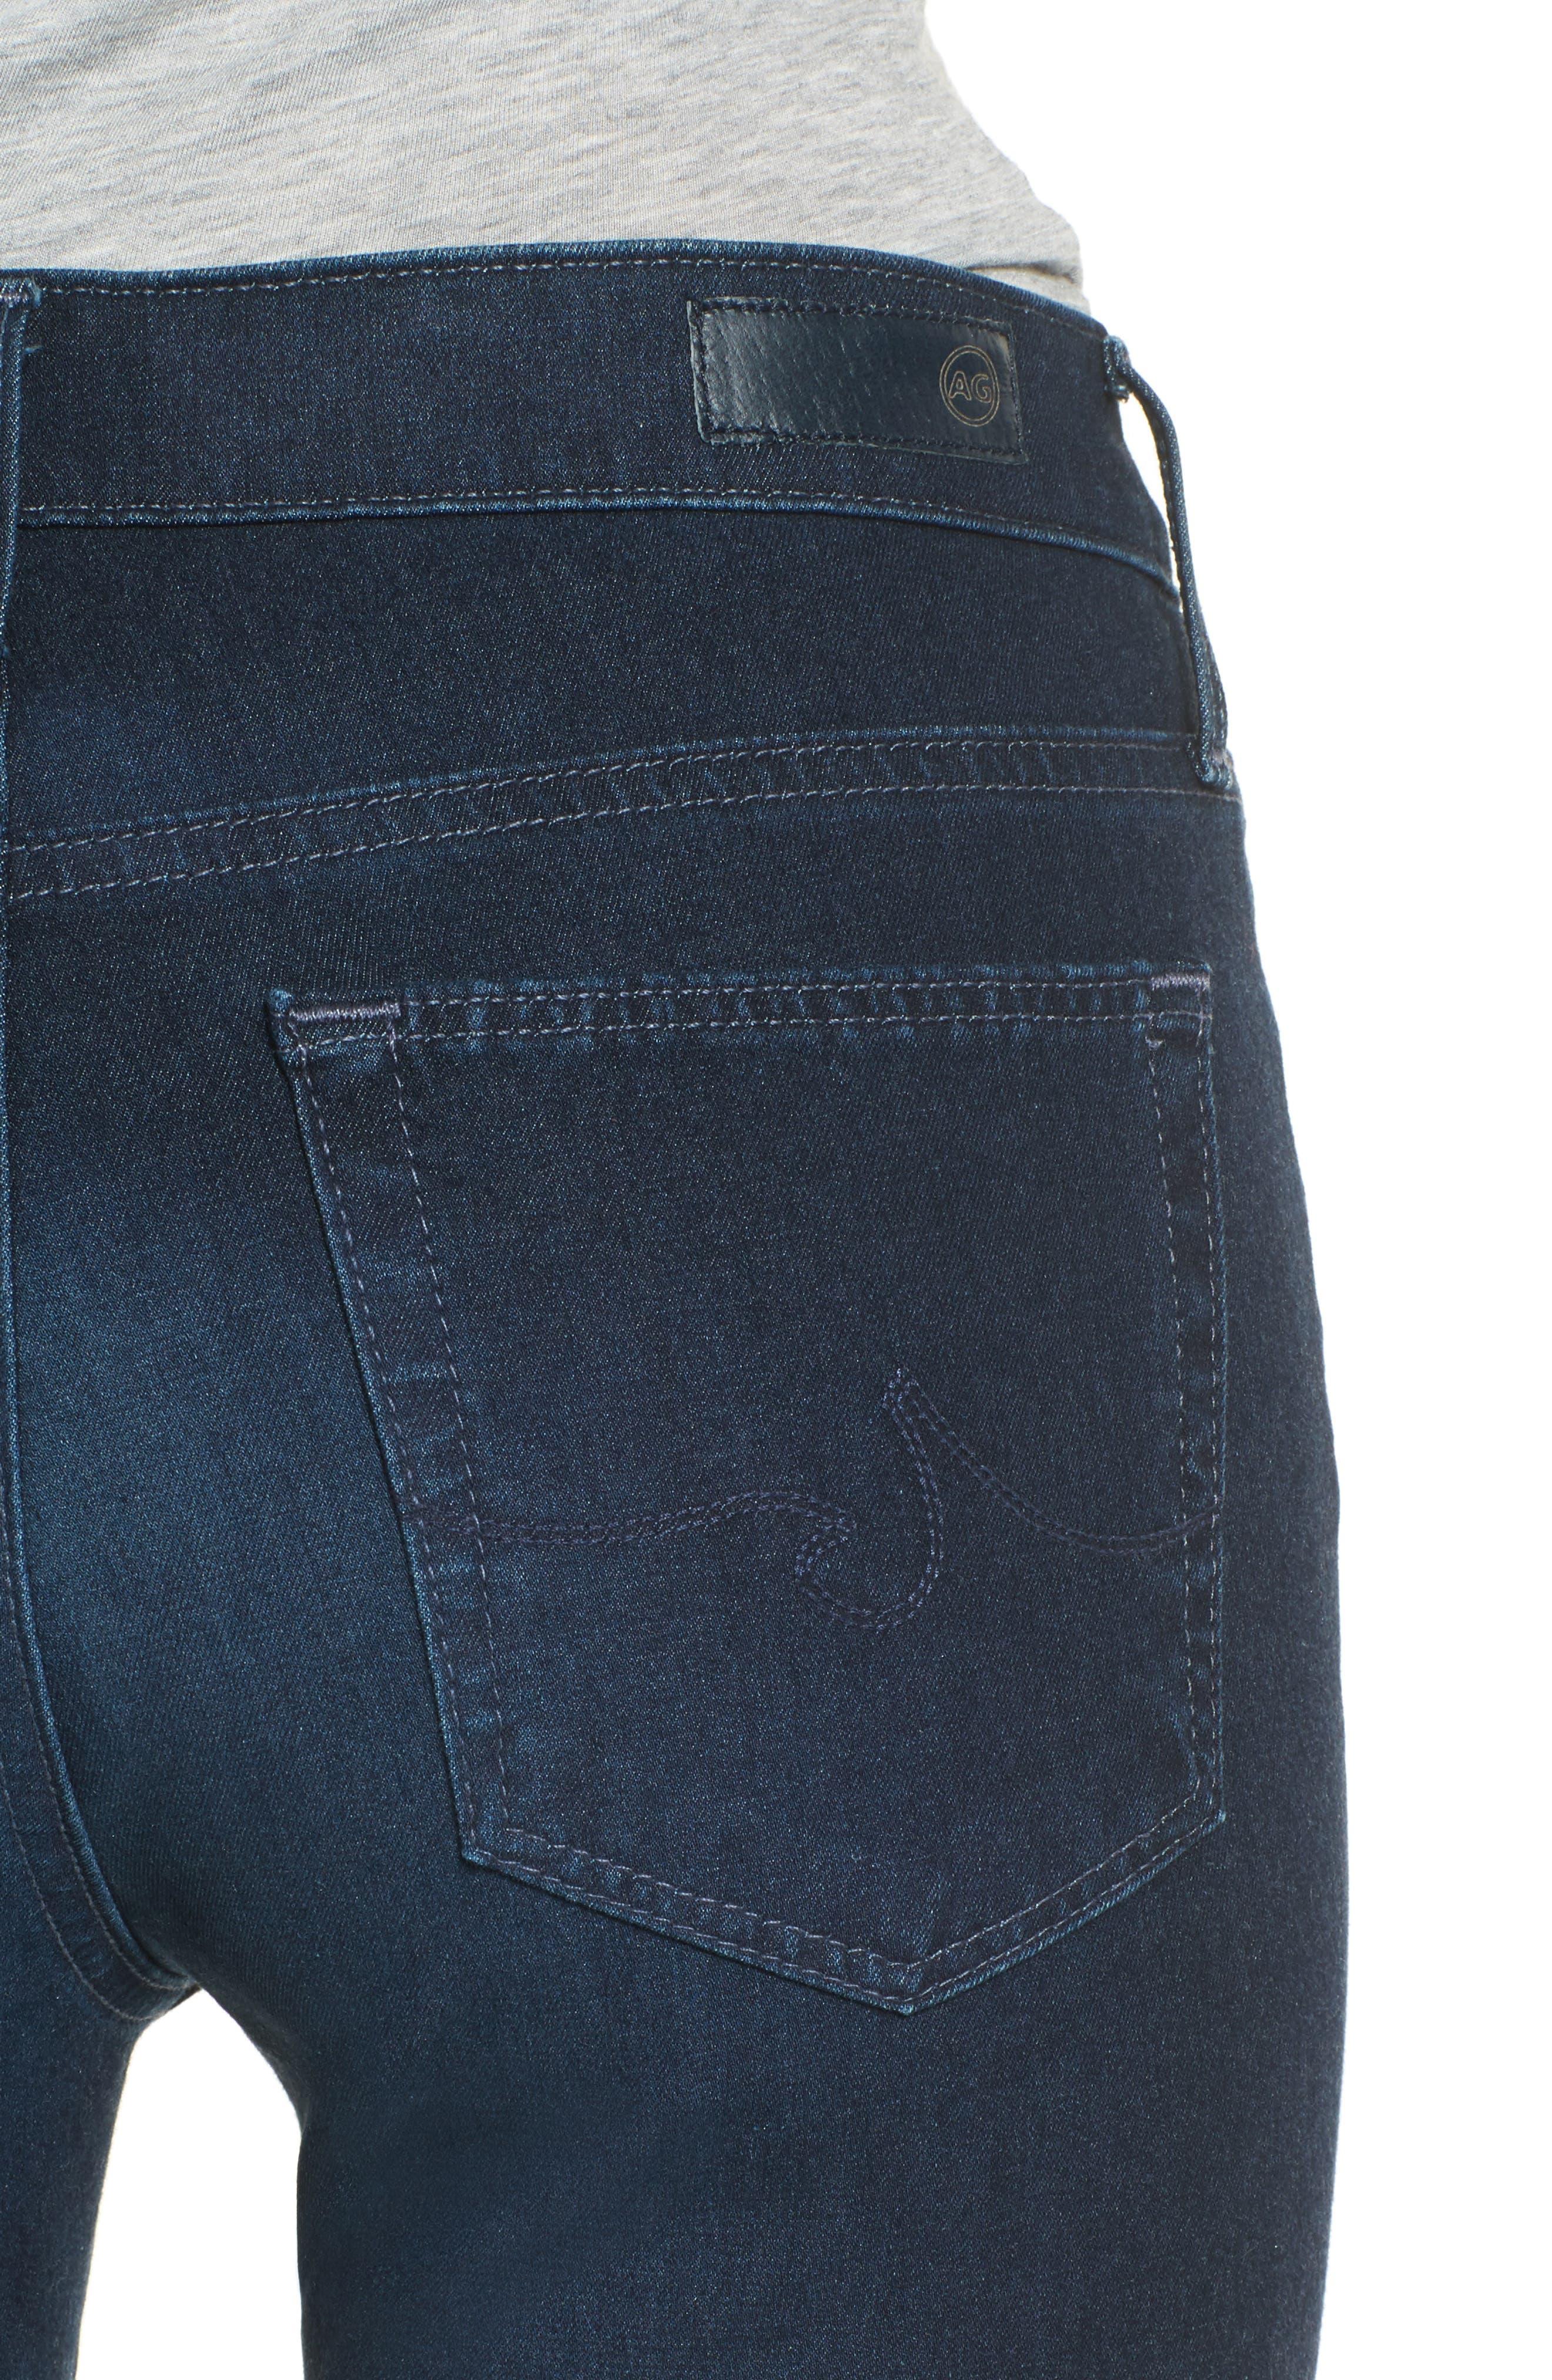 Alternate Image 4  - AG The Farrah High Waist Skinny Jeans